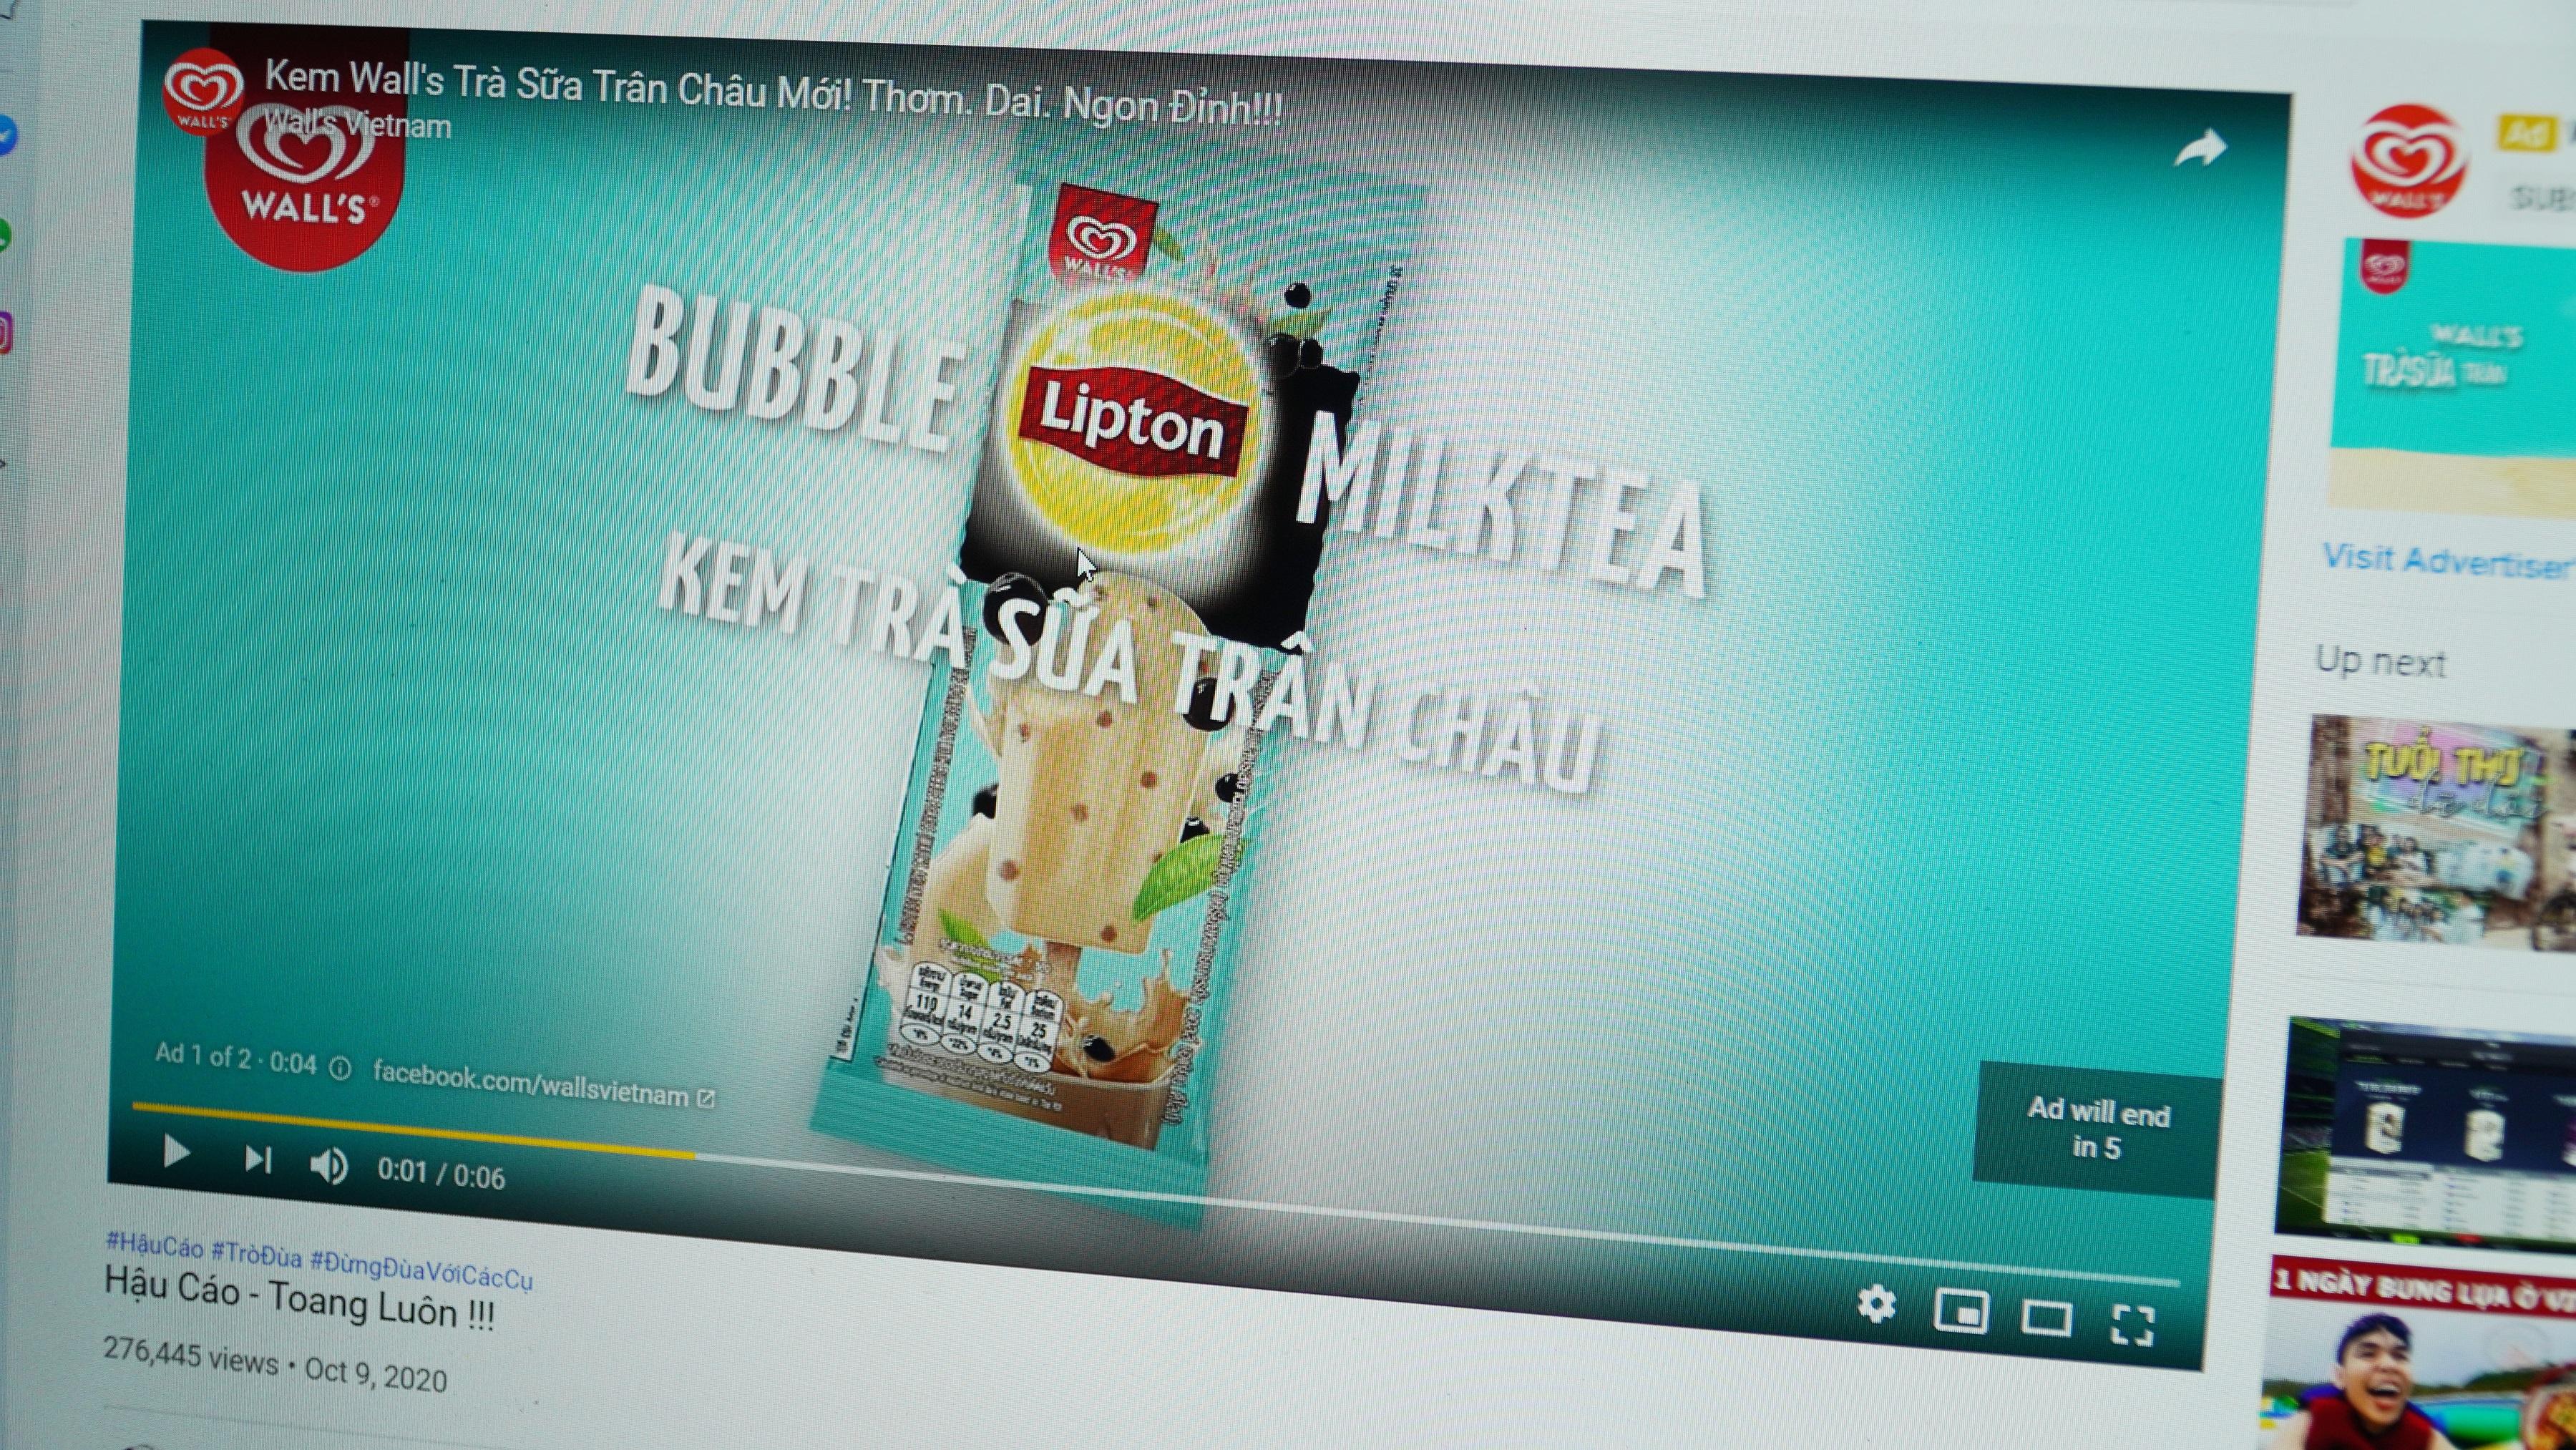 YouTube ngang nhiên dùng tiền của doanh nghiệp để nuôi kênh bẩn - 1